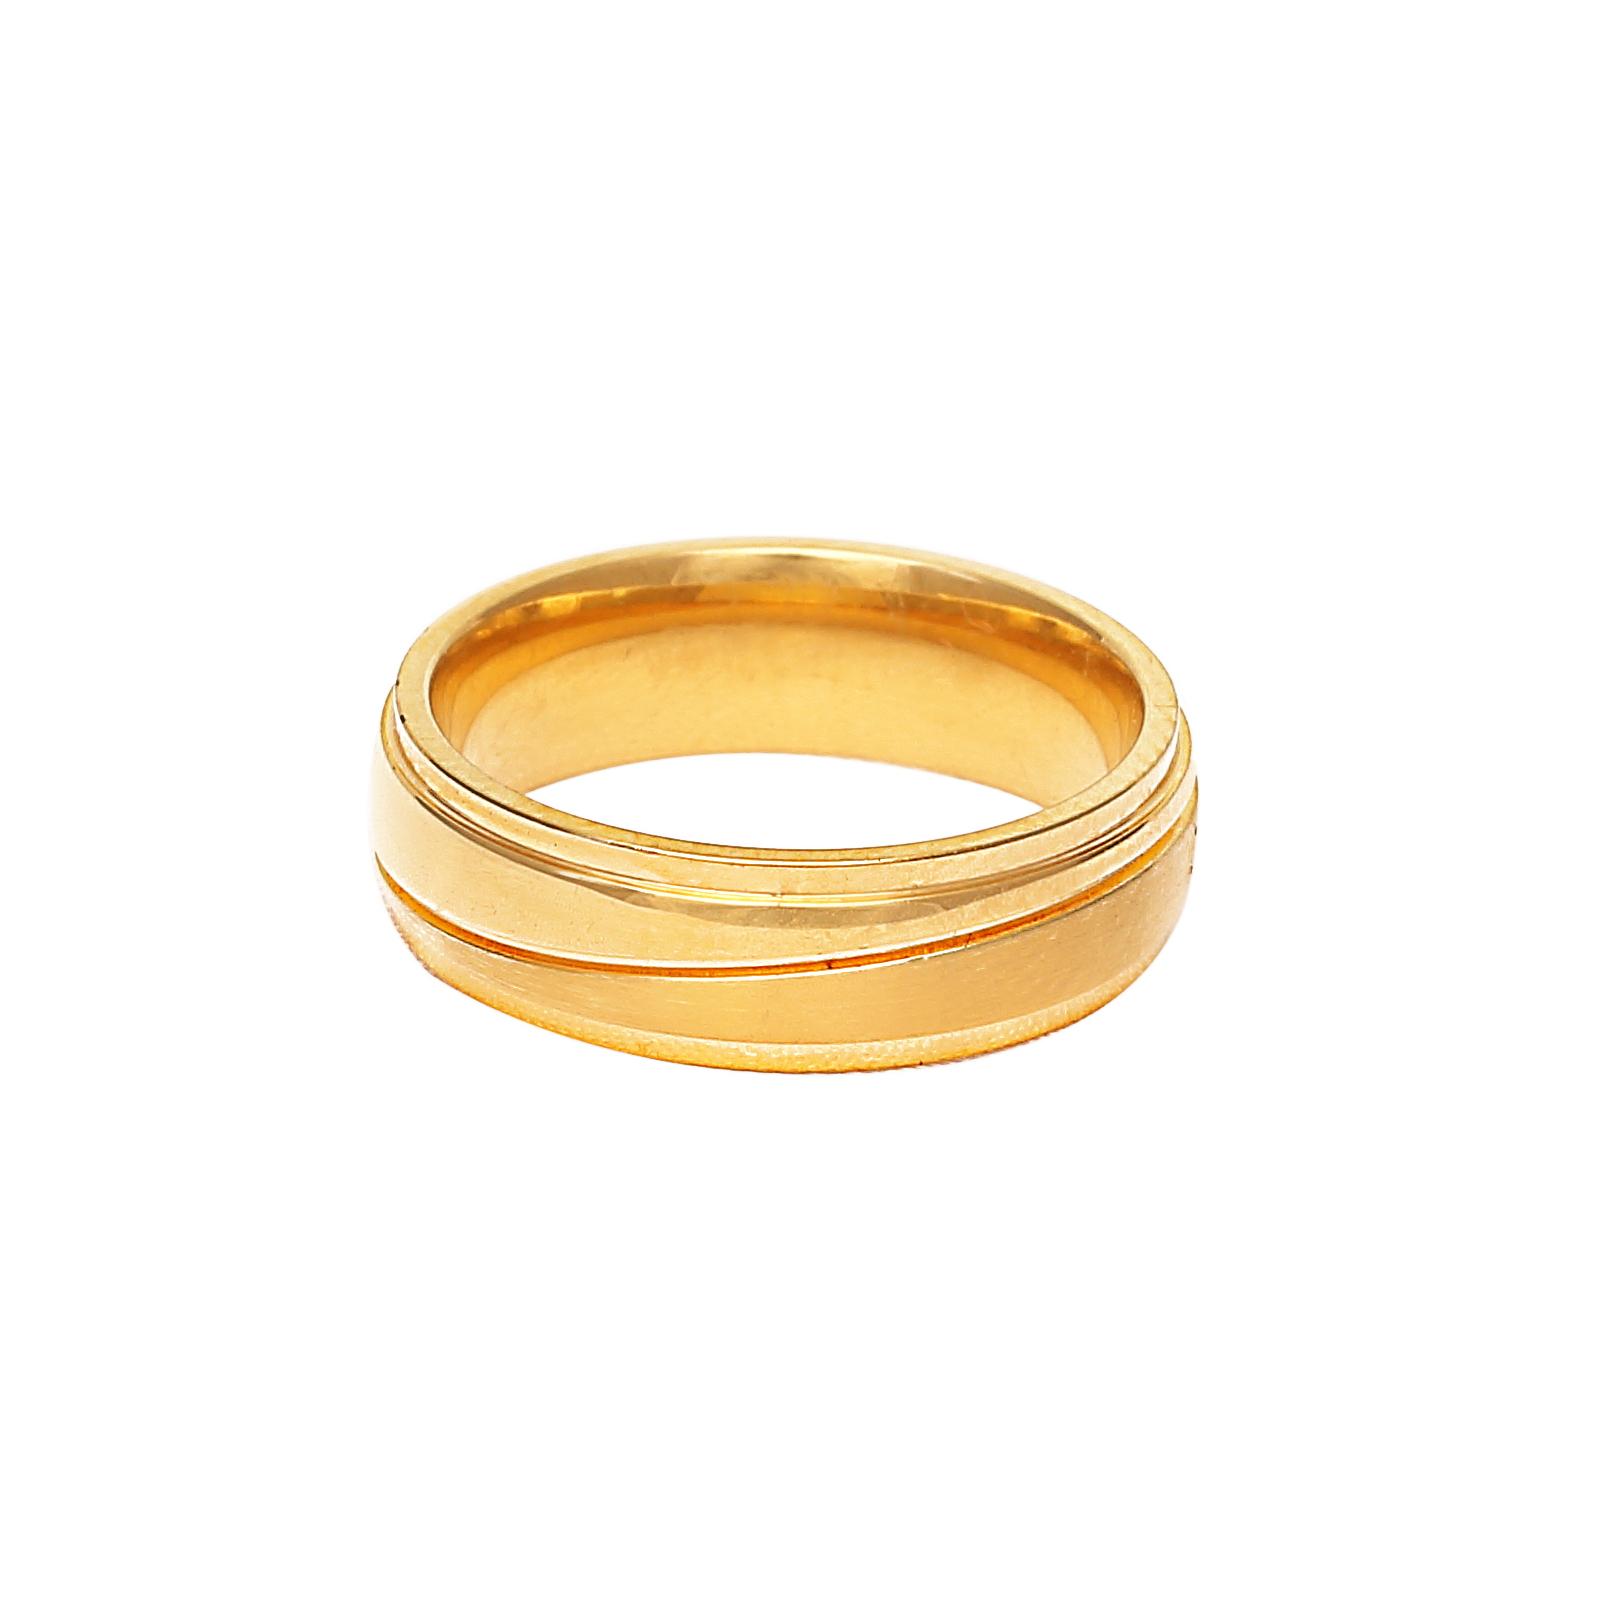 Златна сватбена халка с диагонален релефен елемент.